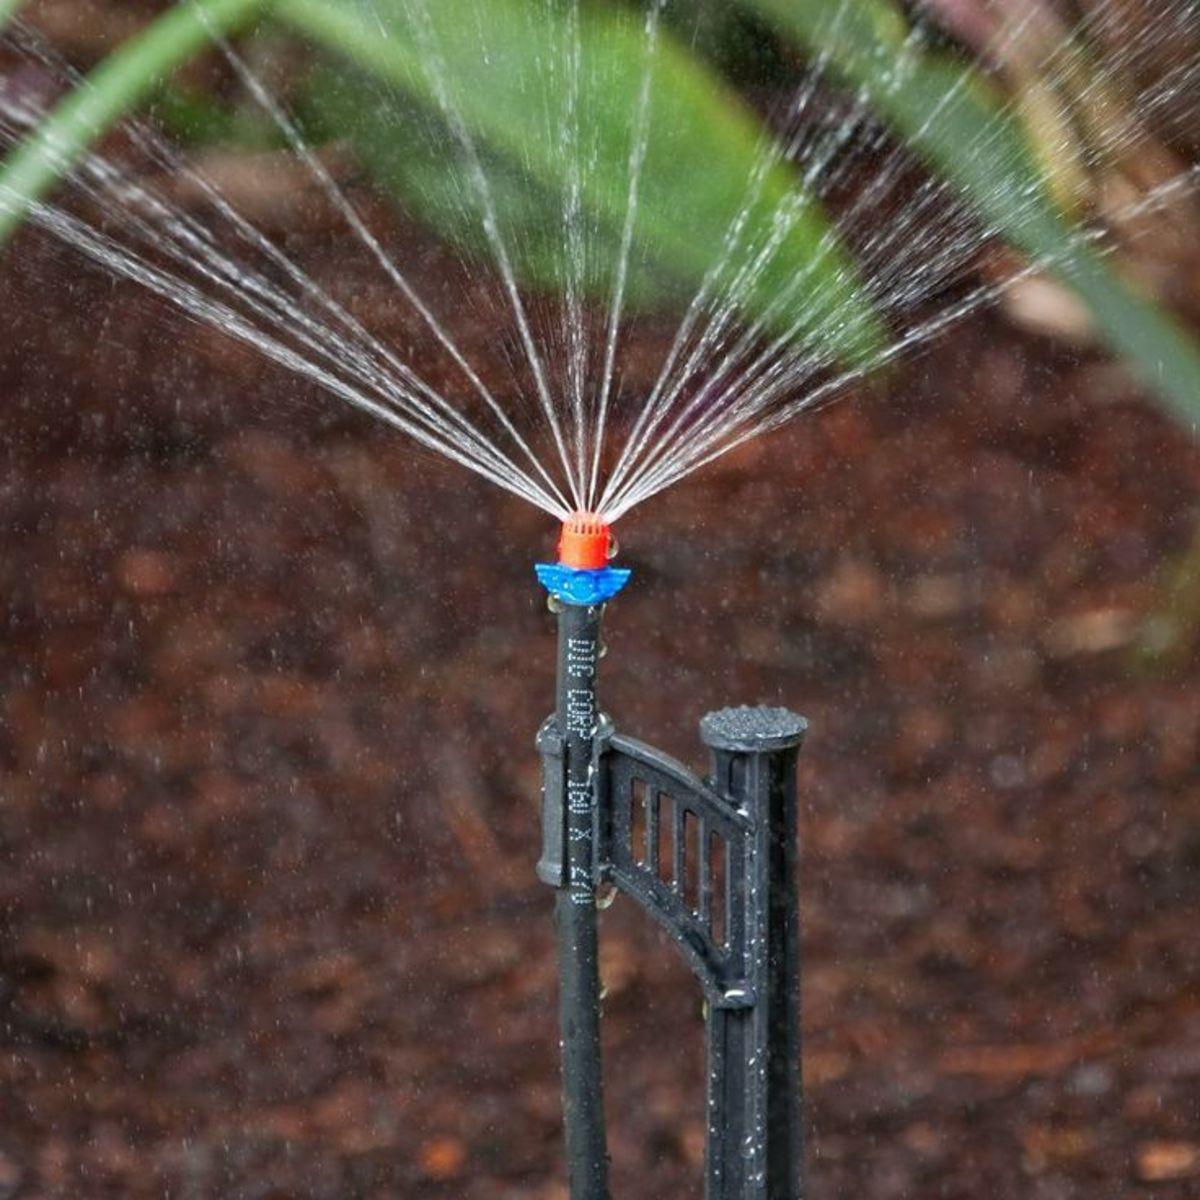 Sprinkler System : a snapshot